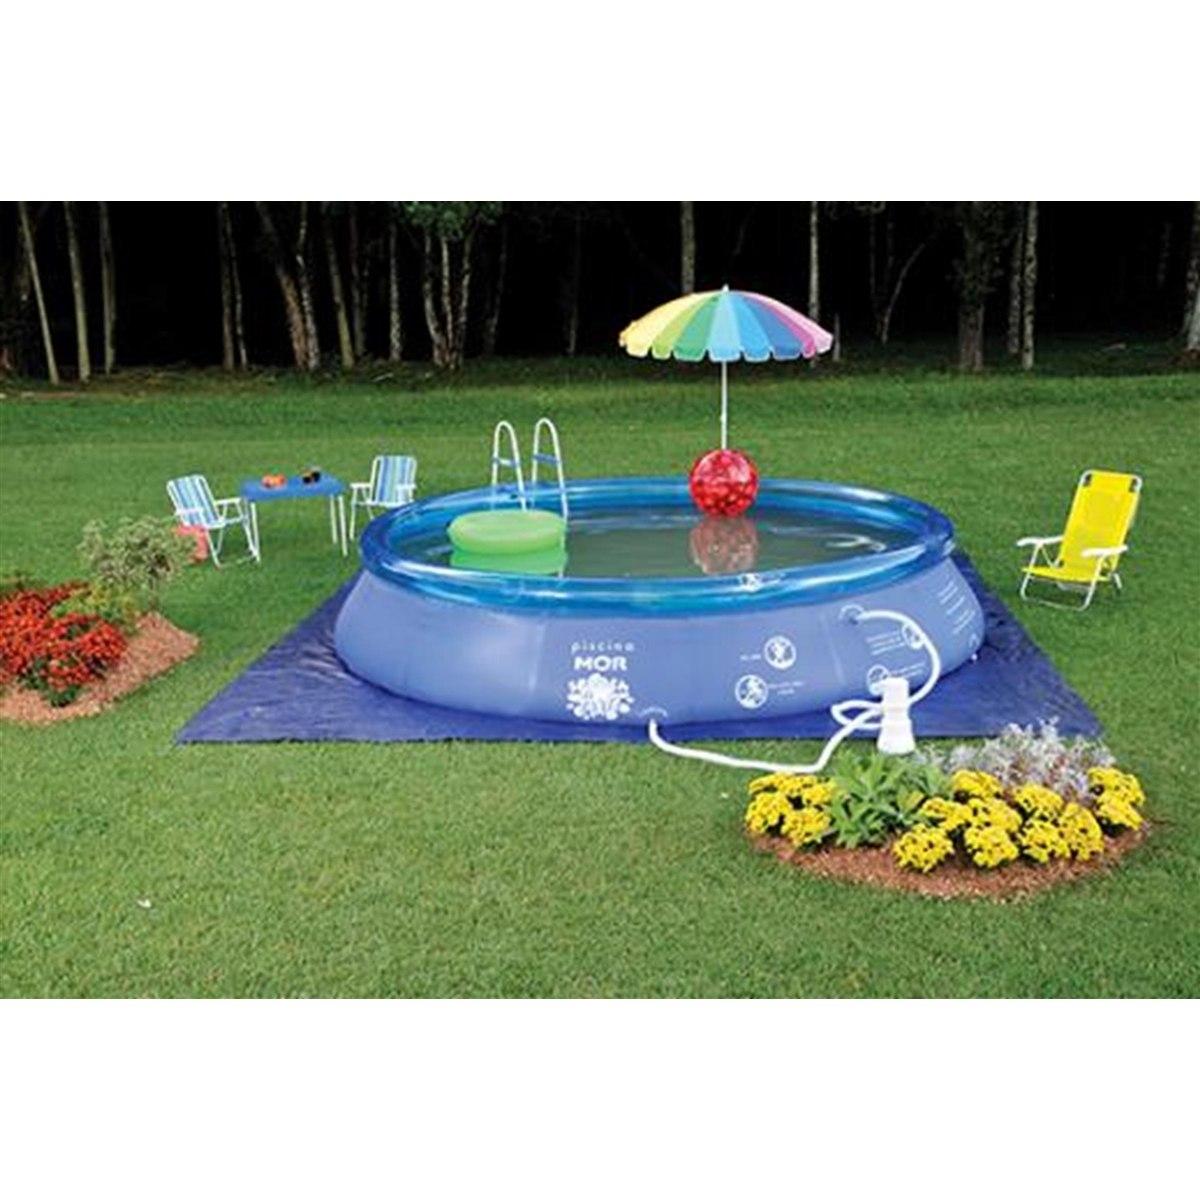 Piscina inflavel redonda splash fun 12000 litros mor r for Piscina 8000 litros redonda